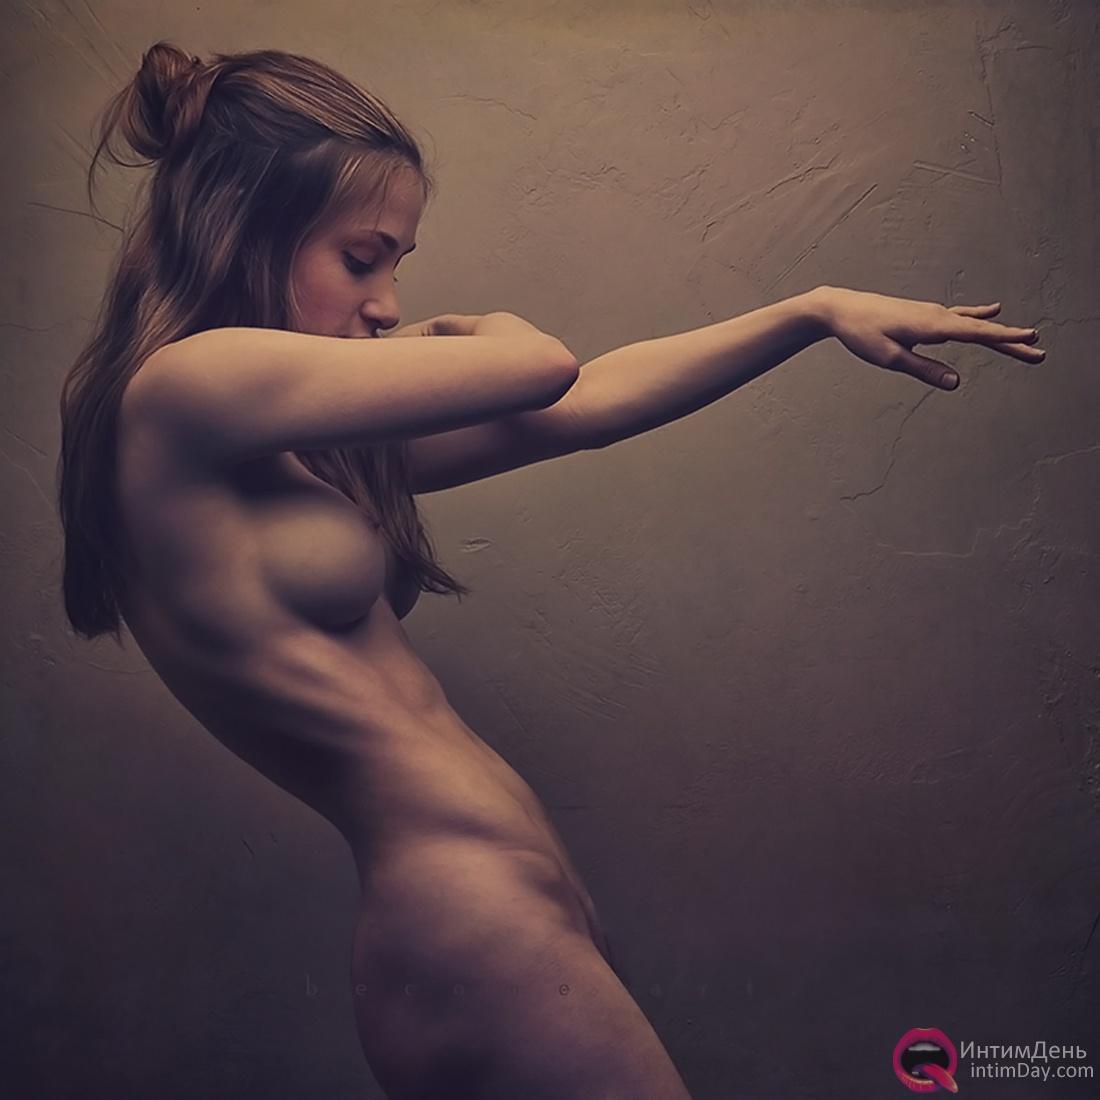 Проститутки принимают на дому 24 фотография